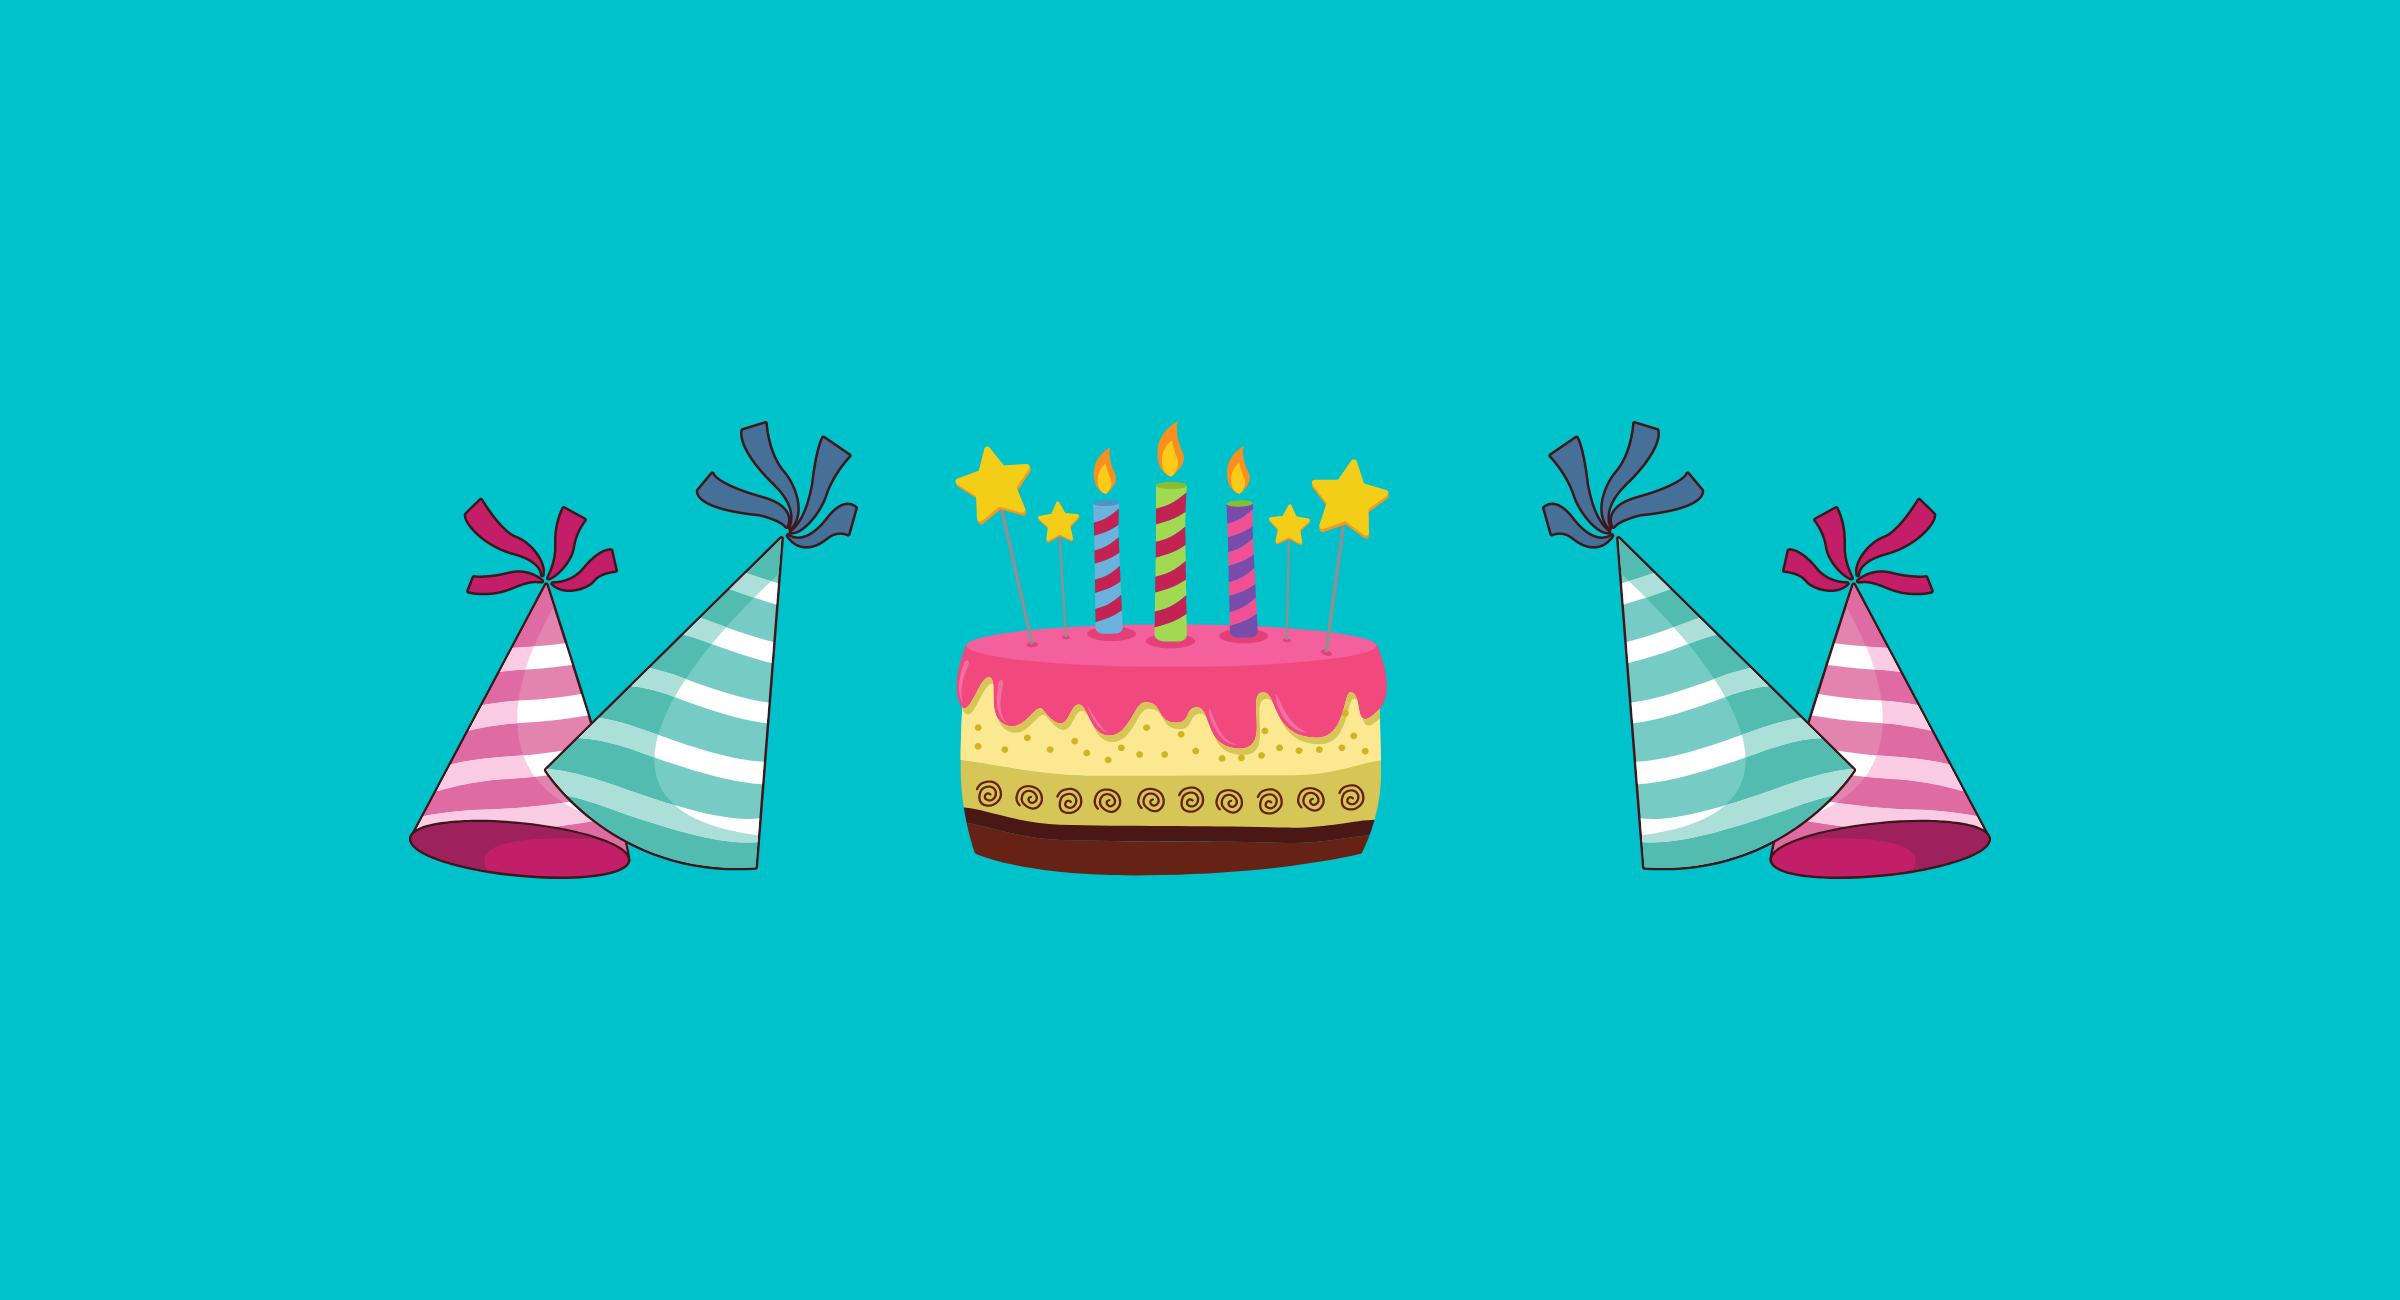 21 birthday gifts